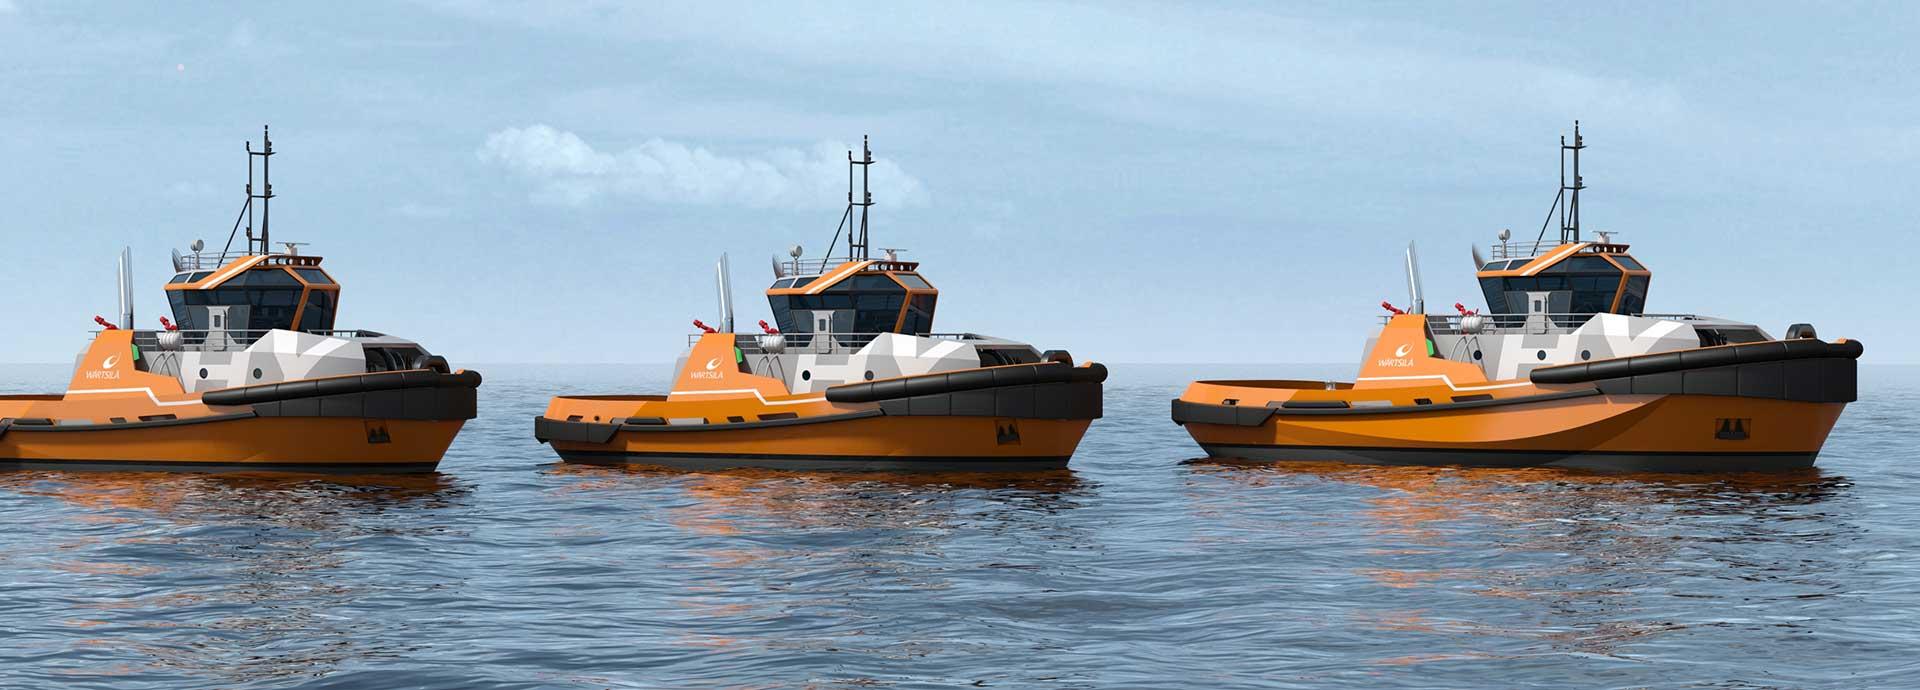 Eco-friendly tugs make a splash